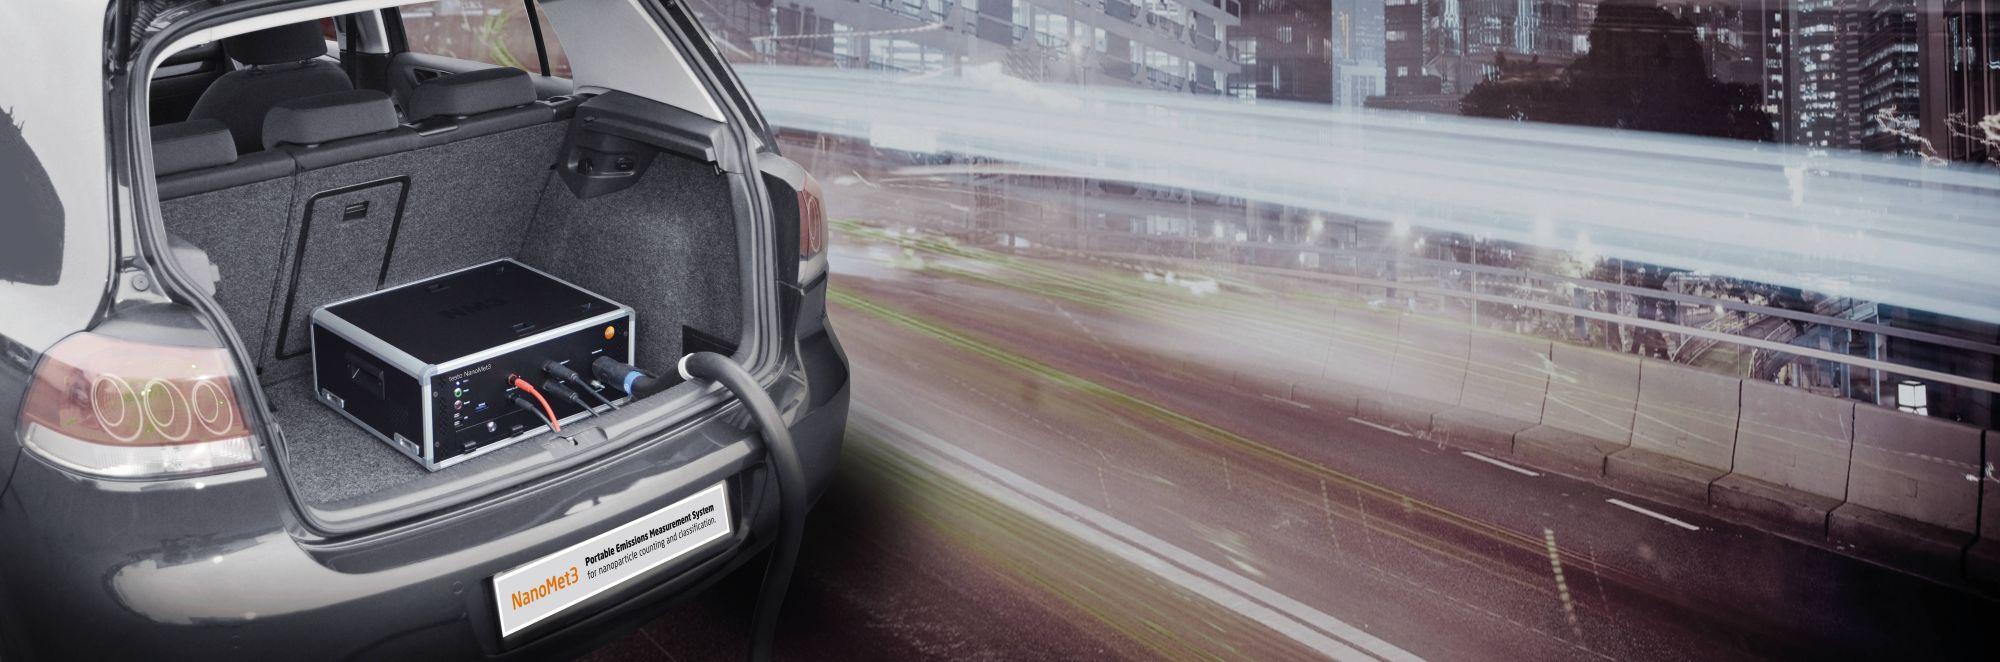 testo-NanoMet3-in-car.jpg